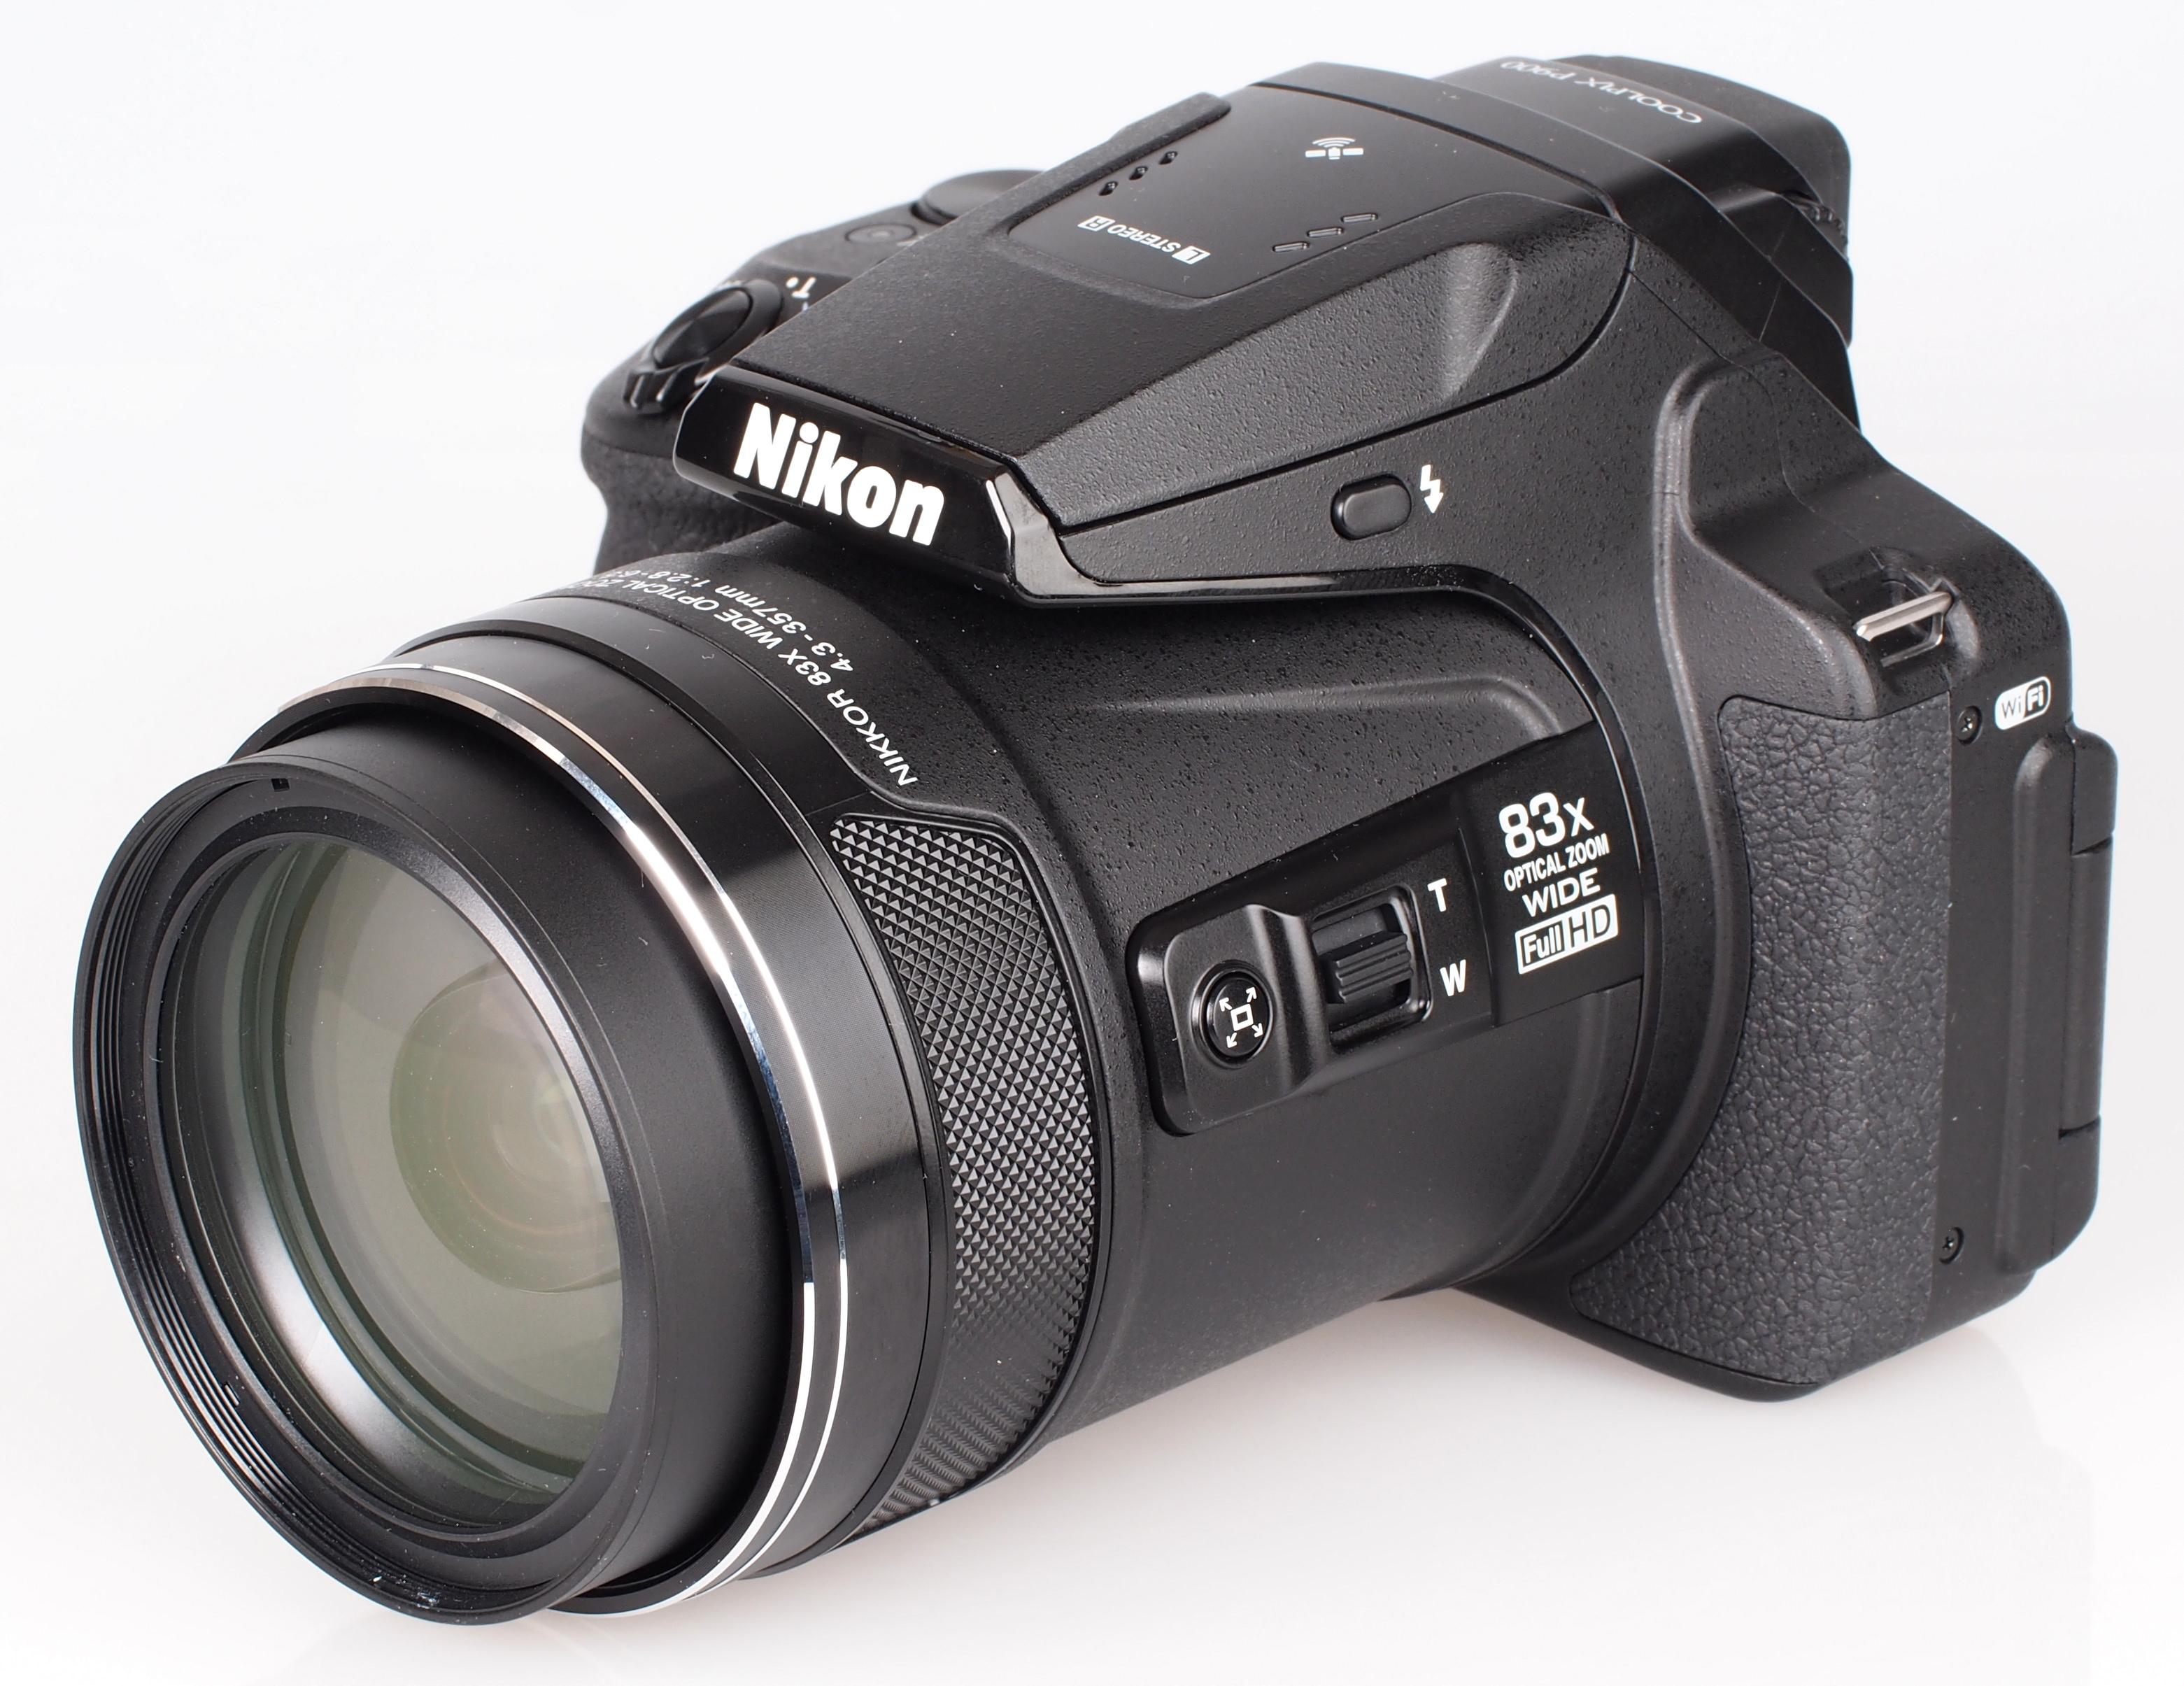 Nikon Coolpix P900 Sample Photos